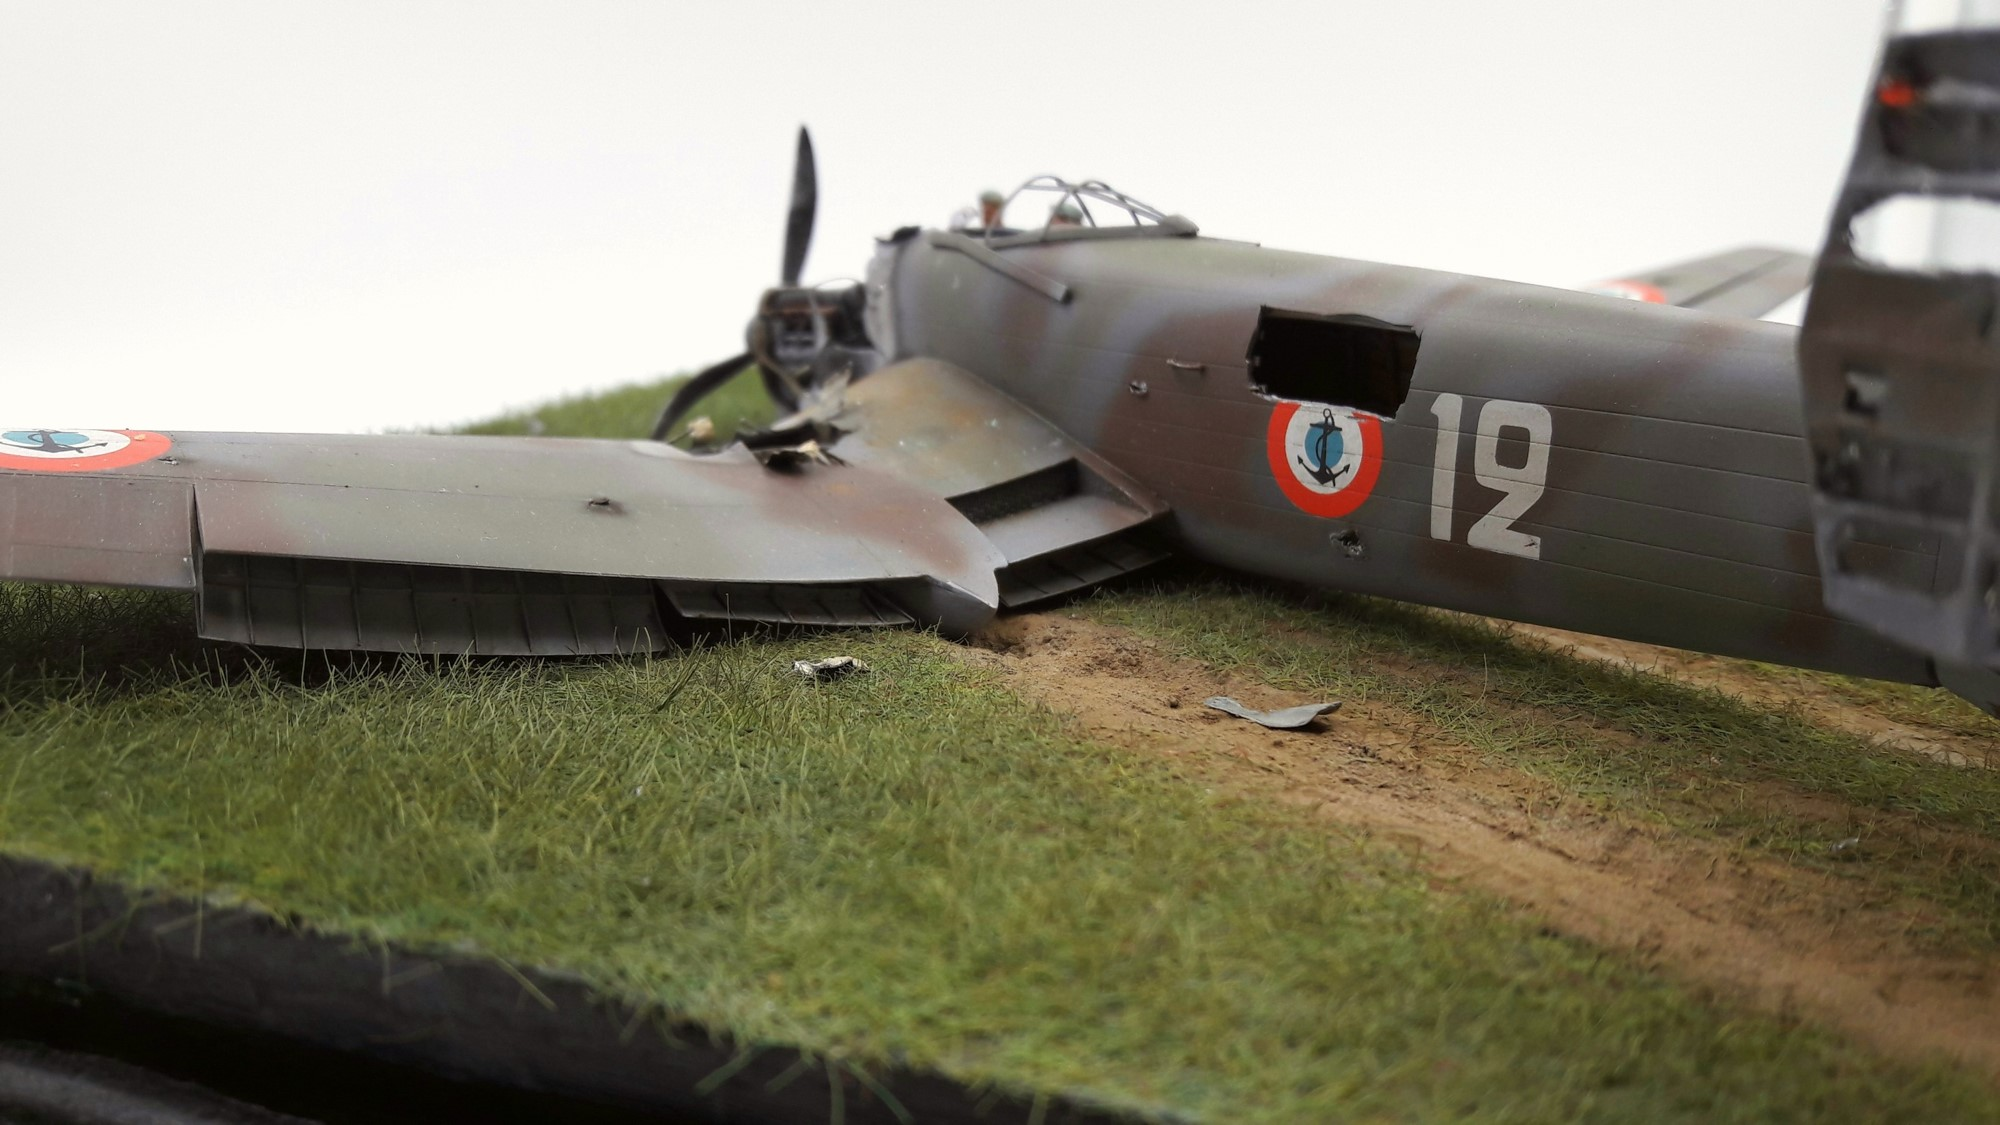 [Concours Aéronavale] Loire Nieuport 401/411 -  Special hobby 1/48 - crash à Villereau -le sacrifice des marins aviateurs du 19 mai 1940 - Mission Berlaimont  Image831